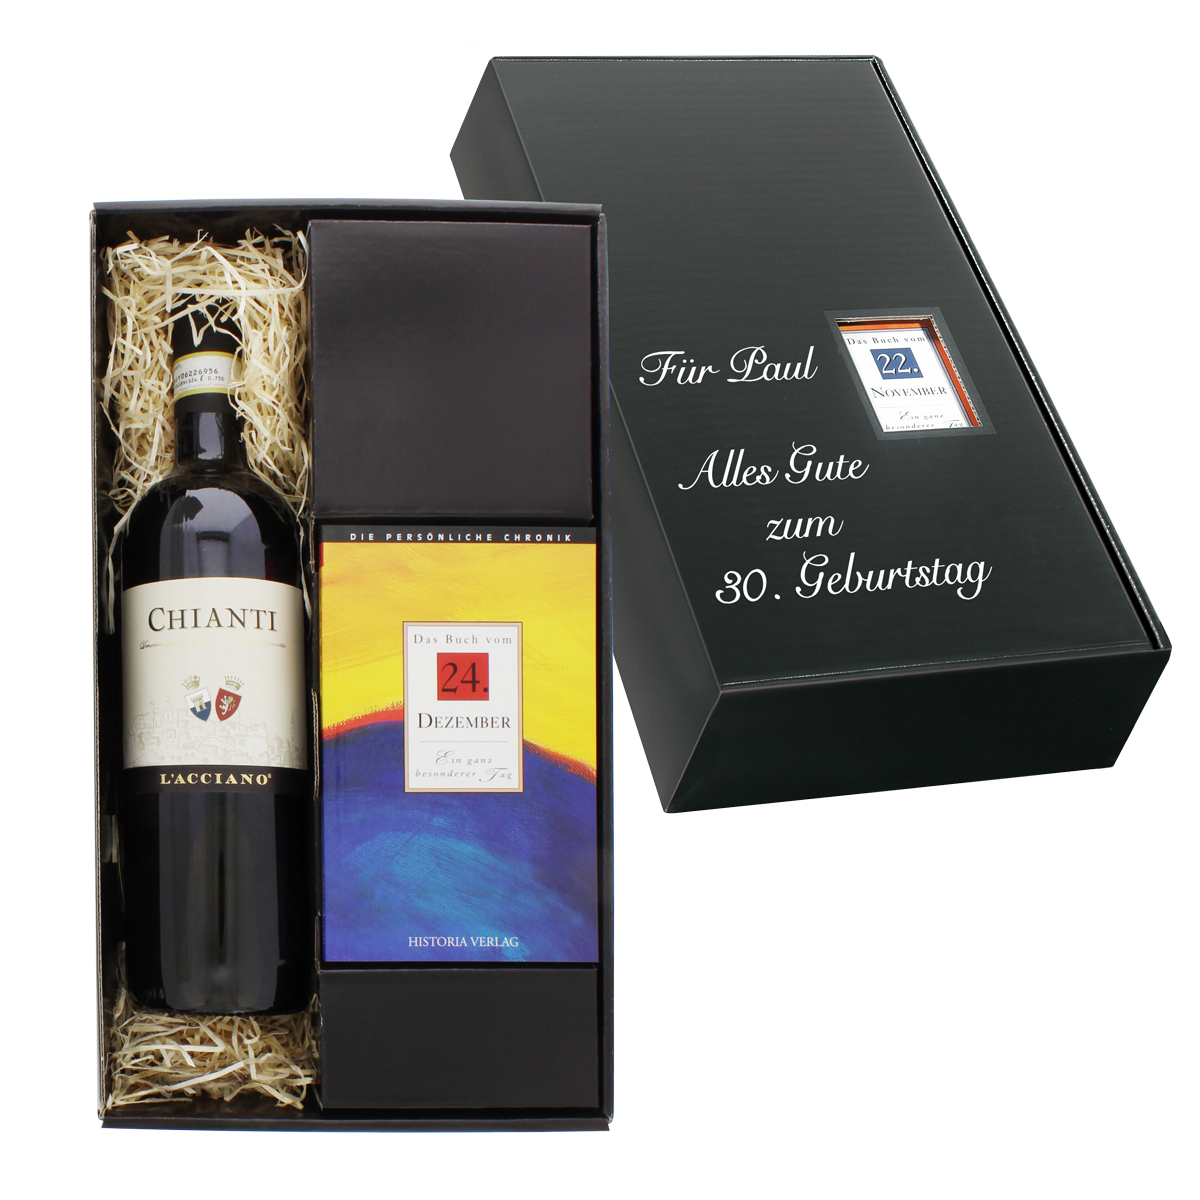 Italien-Set: Tageschronik vom 14. Dezember & Chianti-Wein